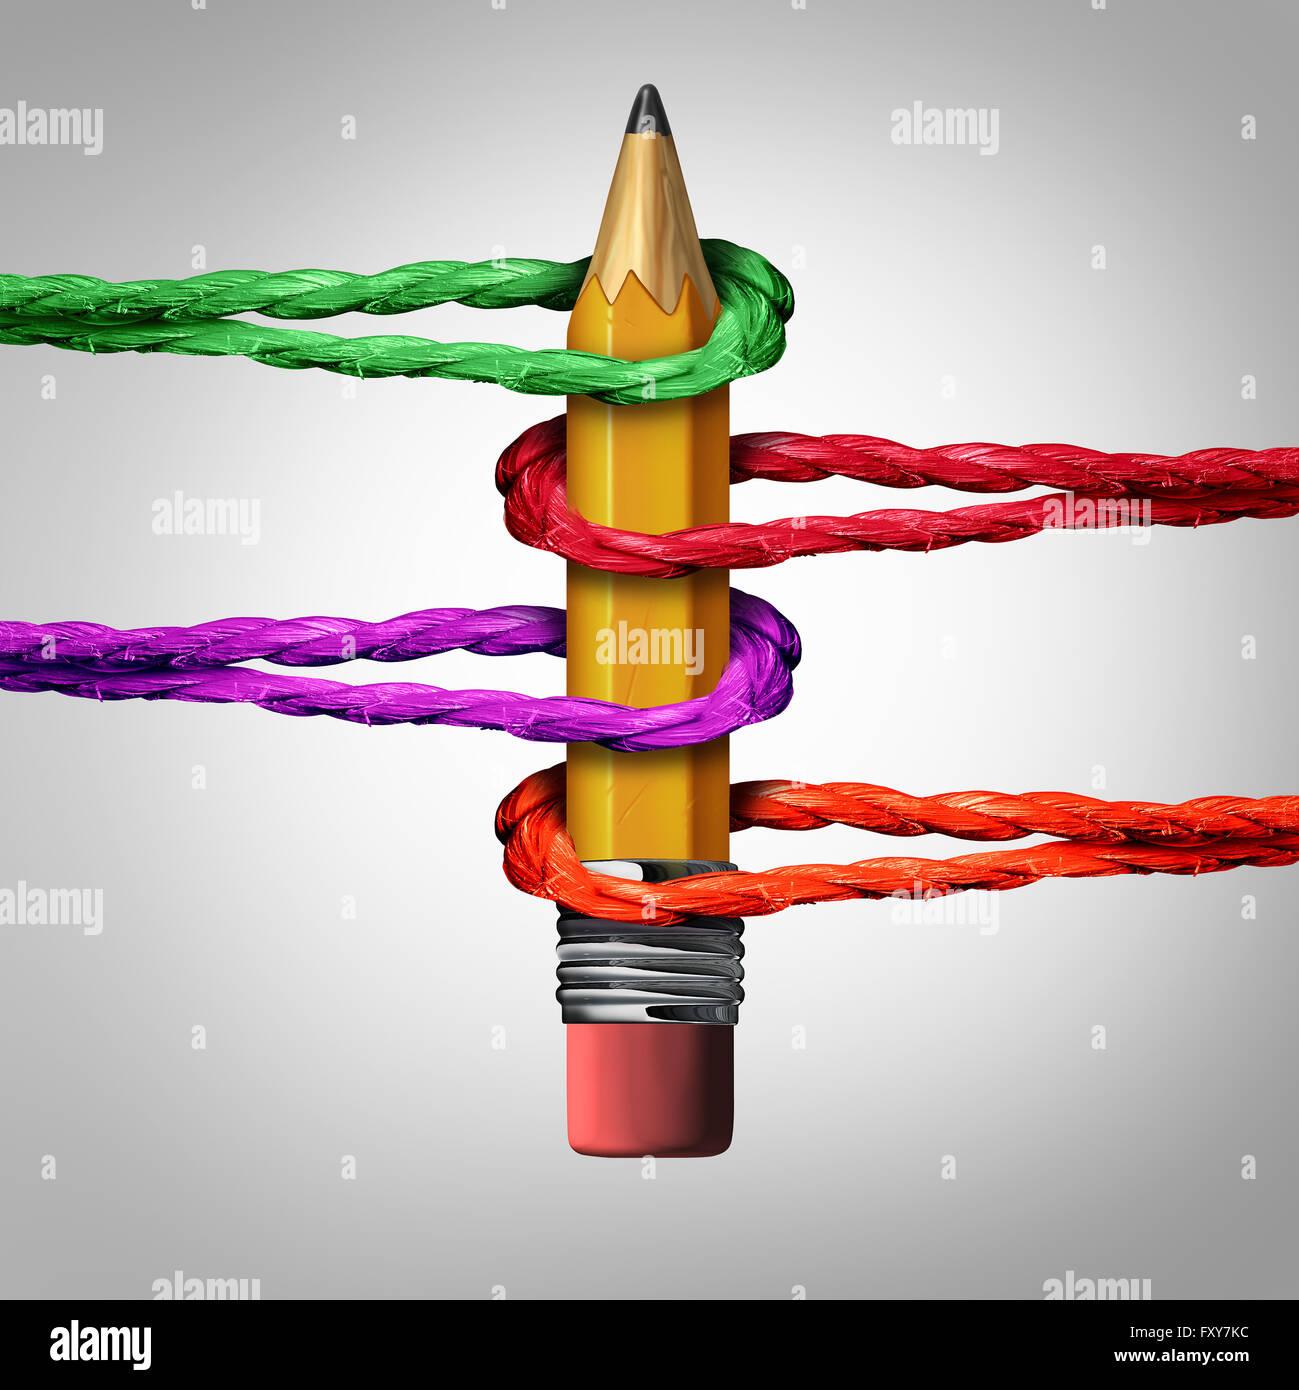 Réseau de soutien créatif comme un concept 3D illustration crayon appuyé par un groupe de cordes Photo Stock